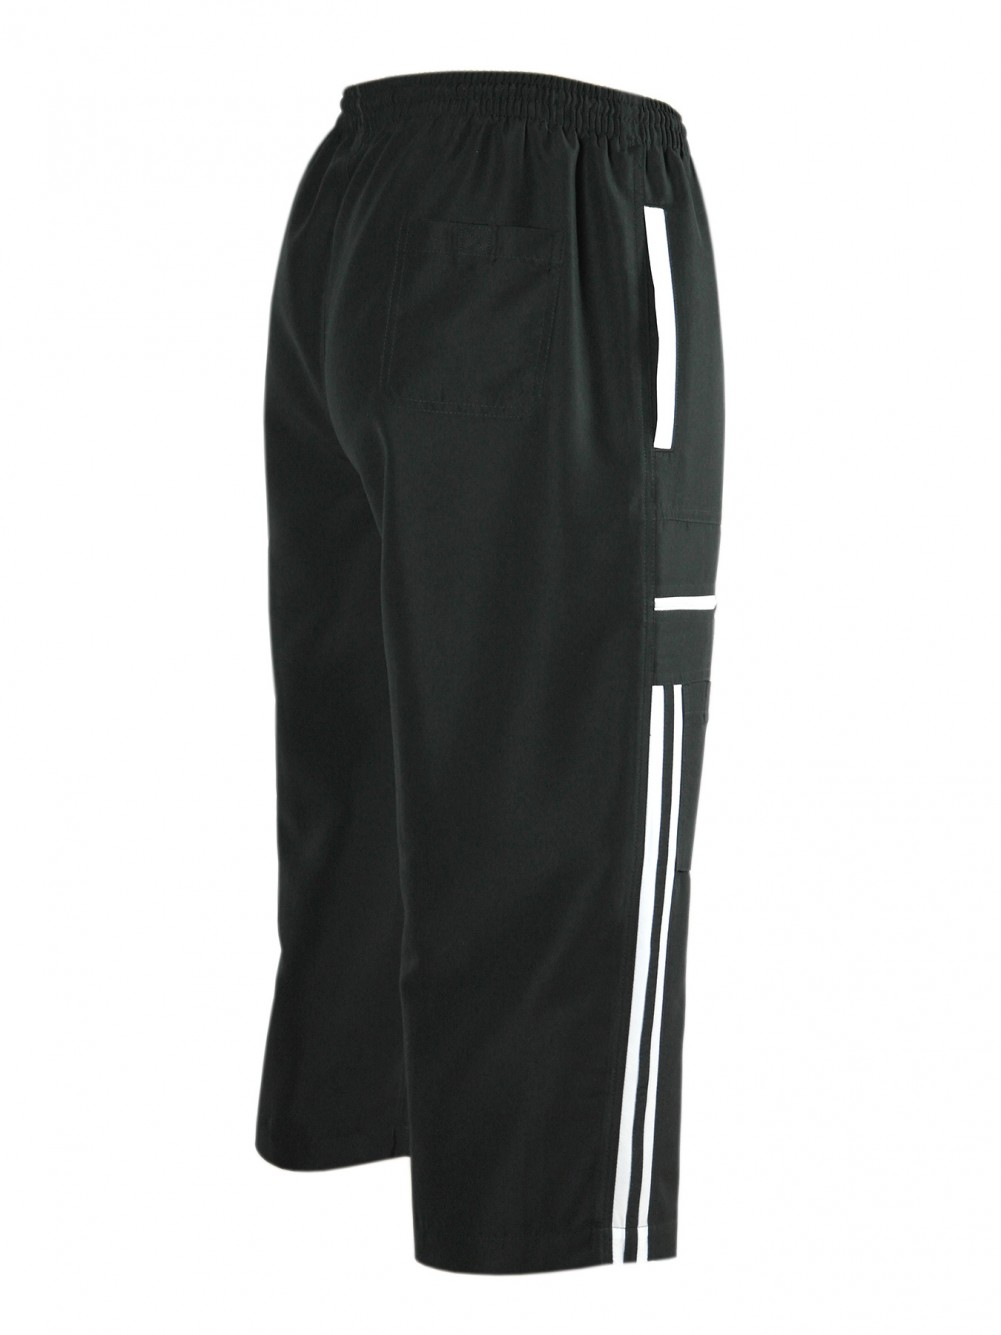 Bermuda Microfaser Shorts Dreiviertelhose Herren - Black/Seitenansicht